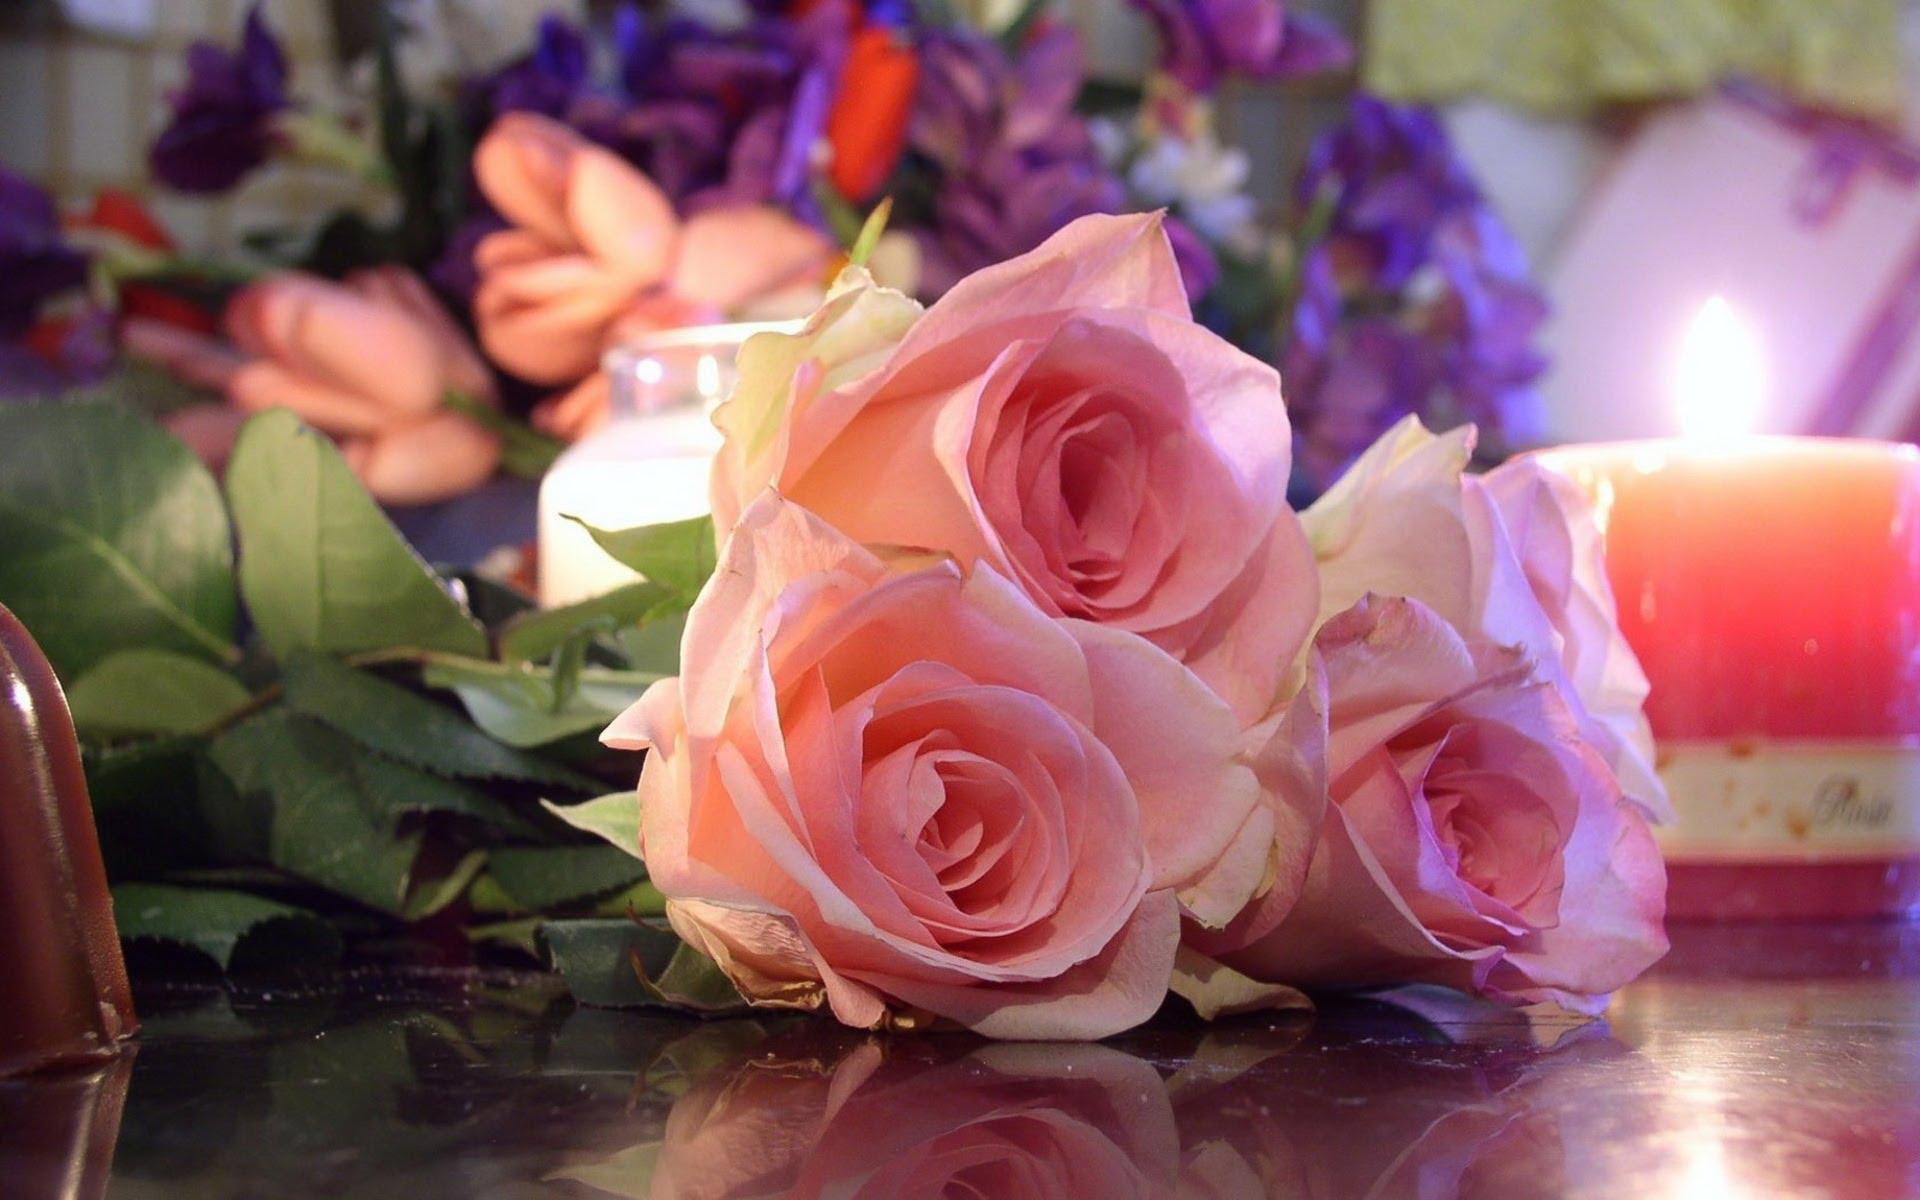 بالصور صور ازهار , احلى صورة للازهار حلوة 1752 3